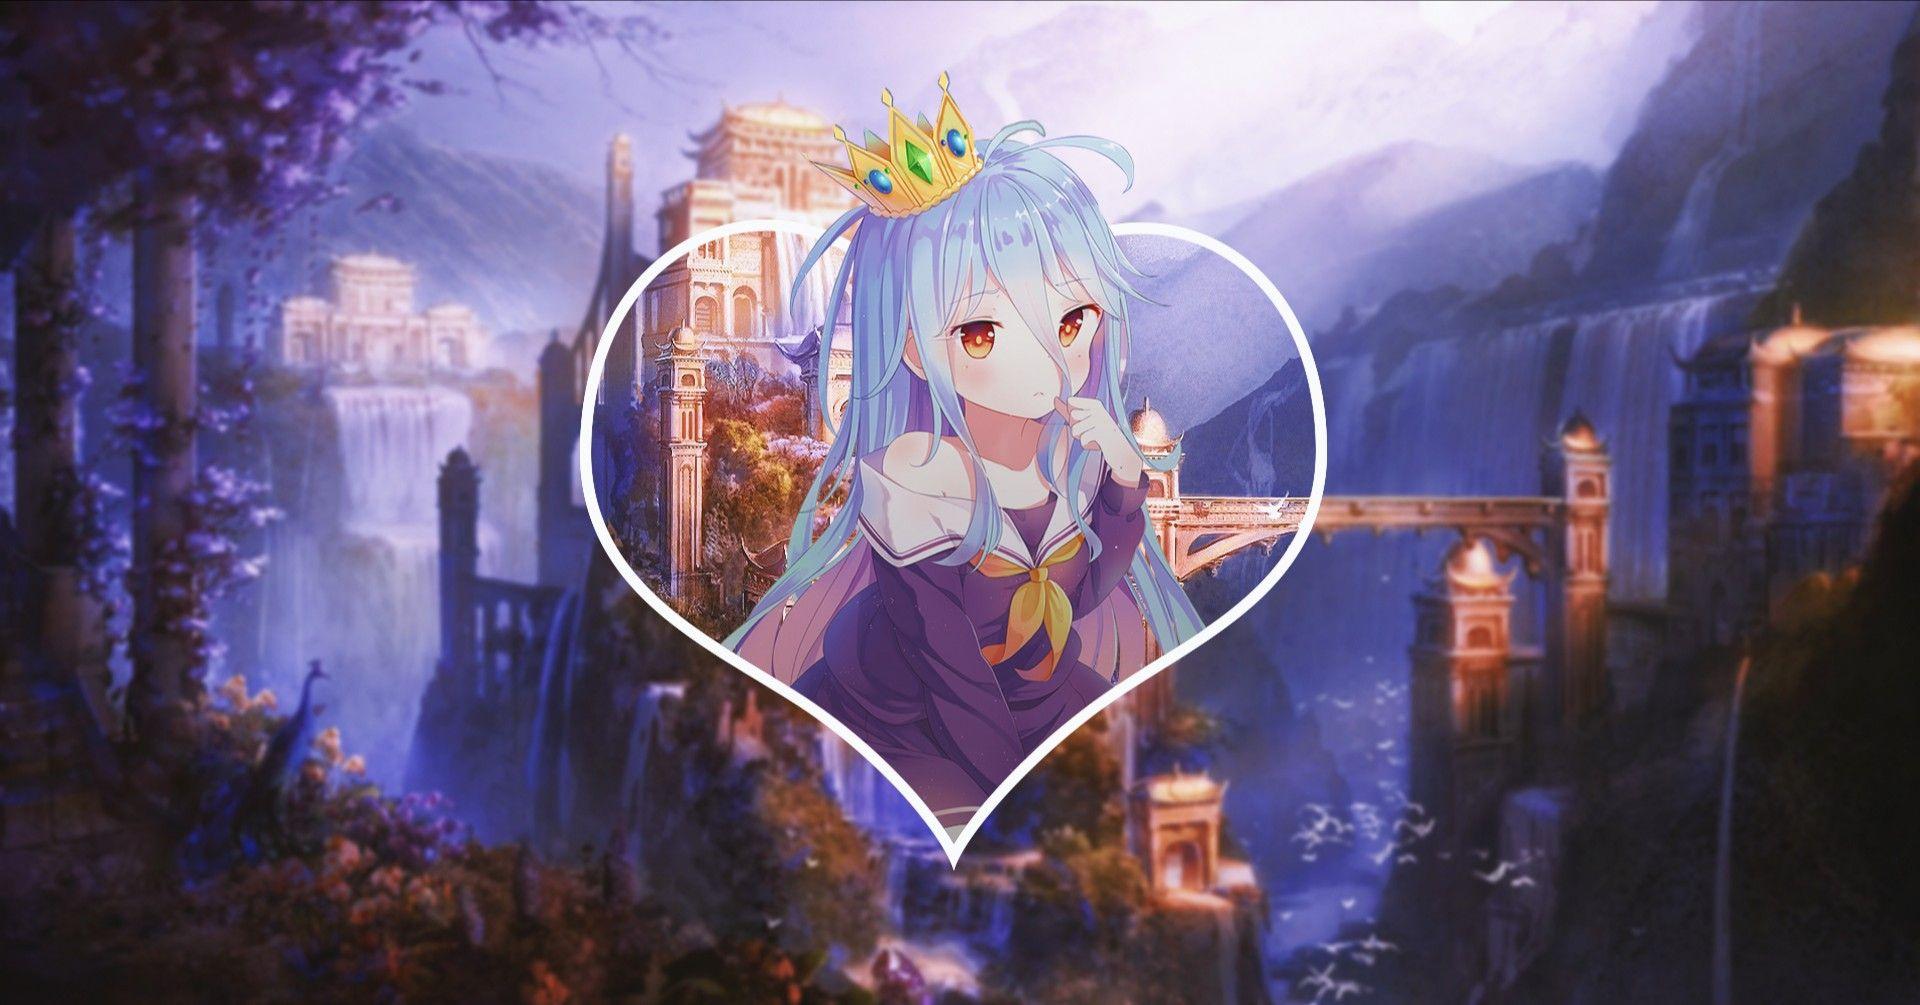 Anime AnimeGirl image Kawaii Art Wallpapers